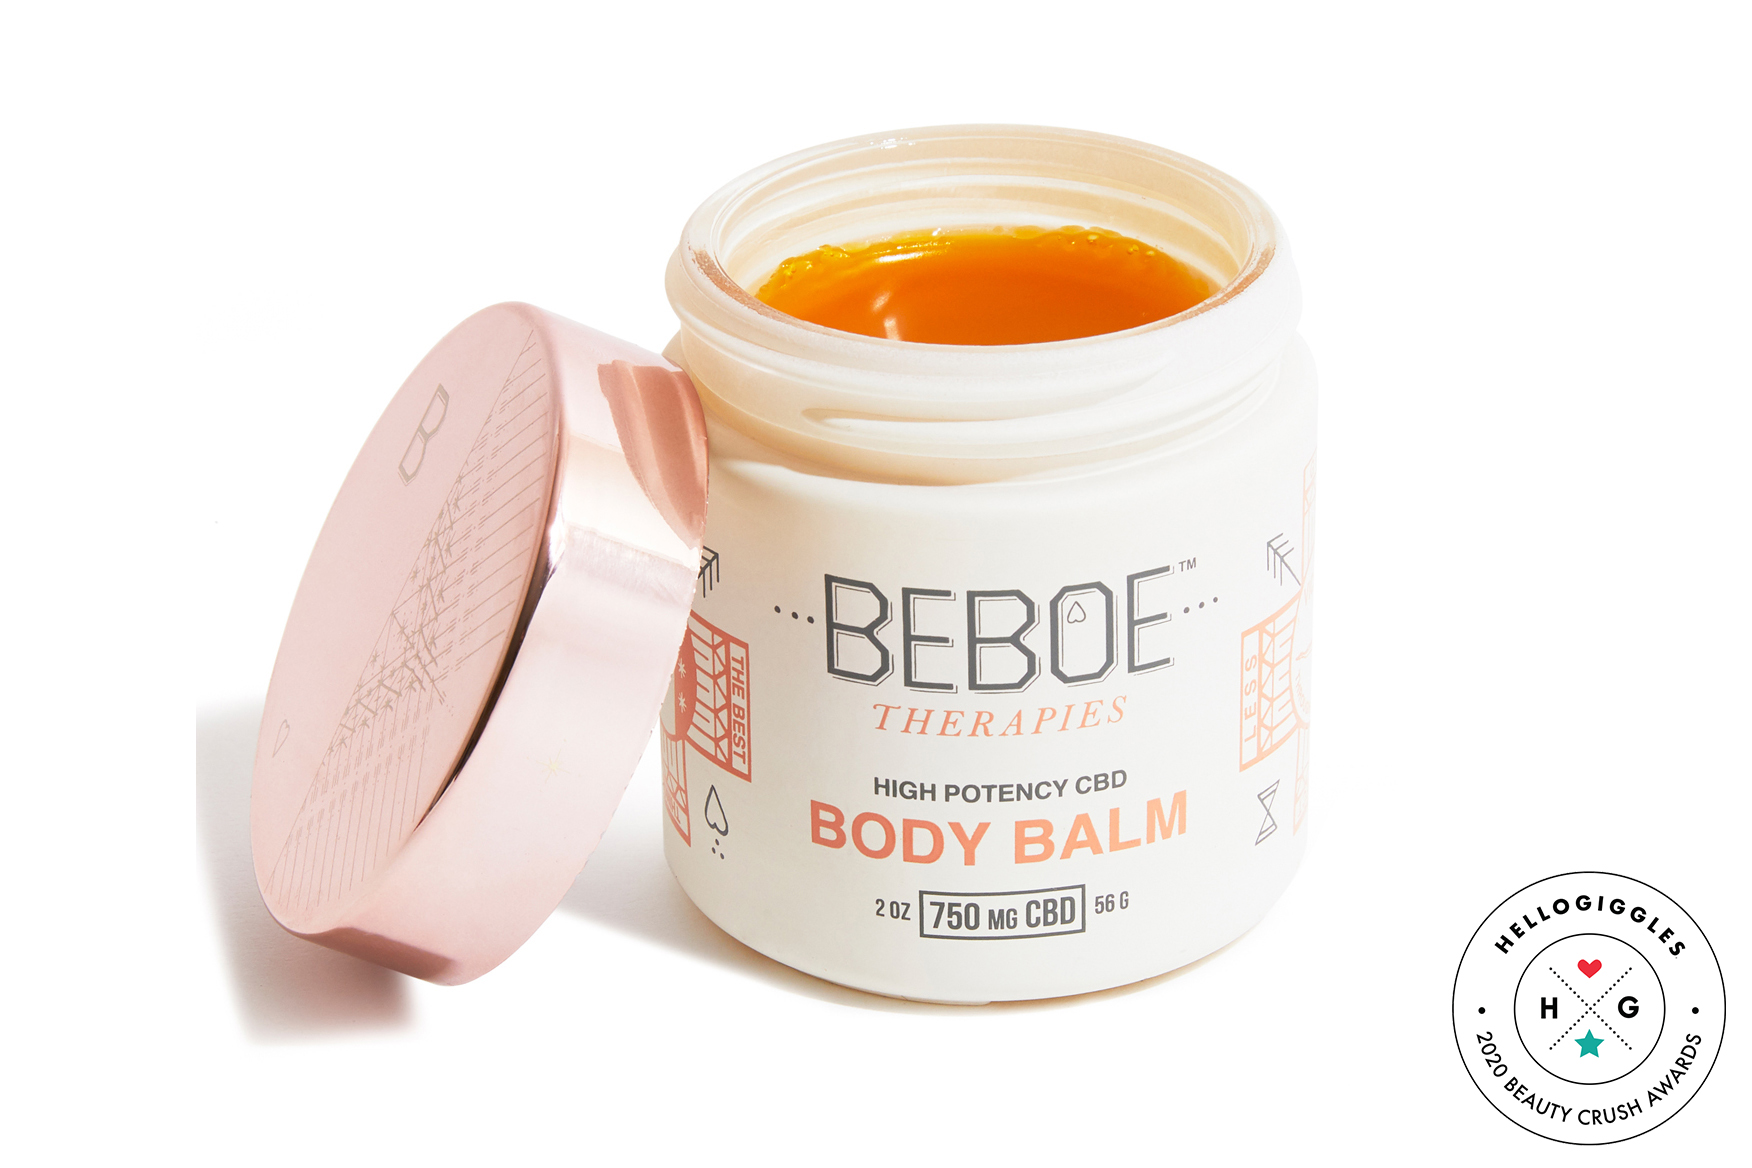 beboe-cbd